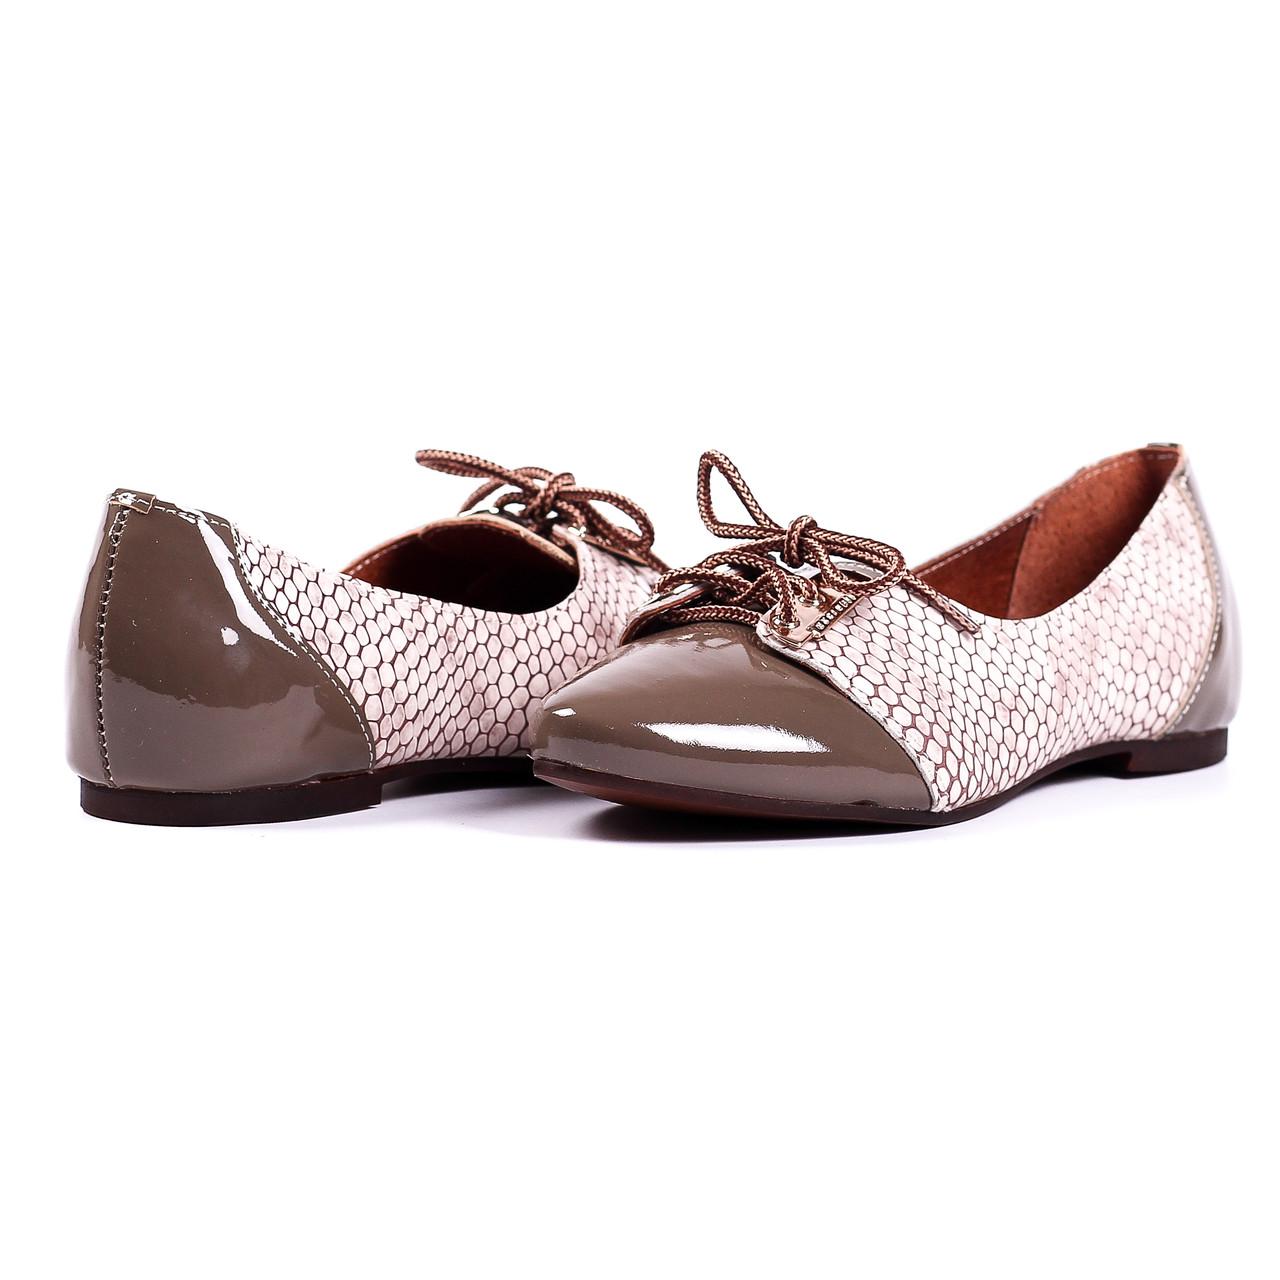 Купить Комфортные туфли-оксфорды с качественной лакированной кожи ... 4ff2afd5518